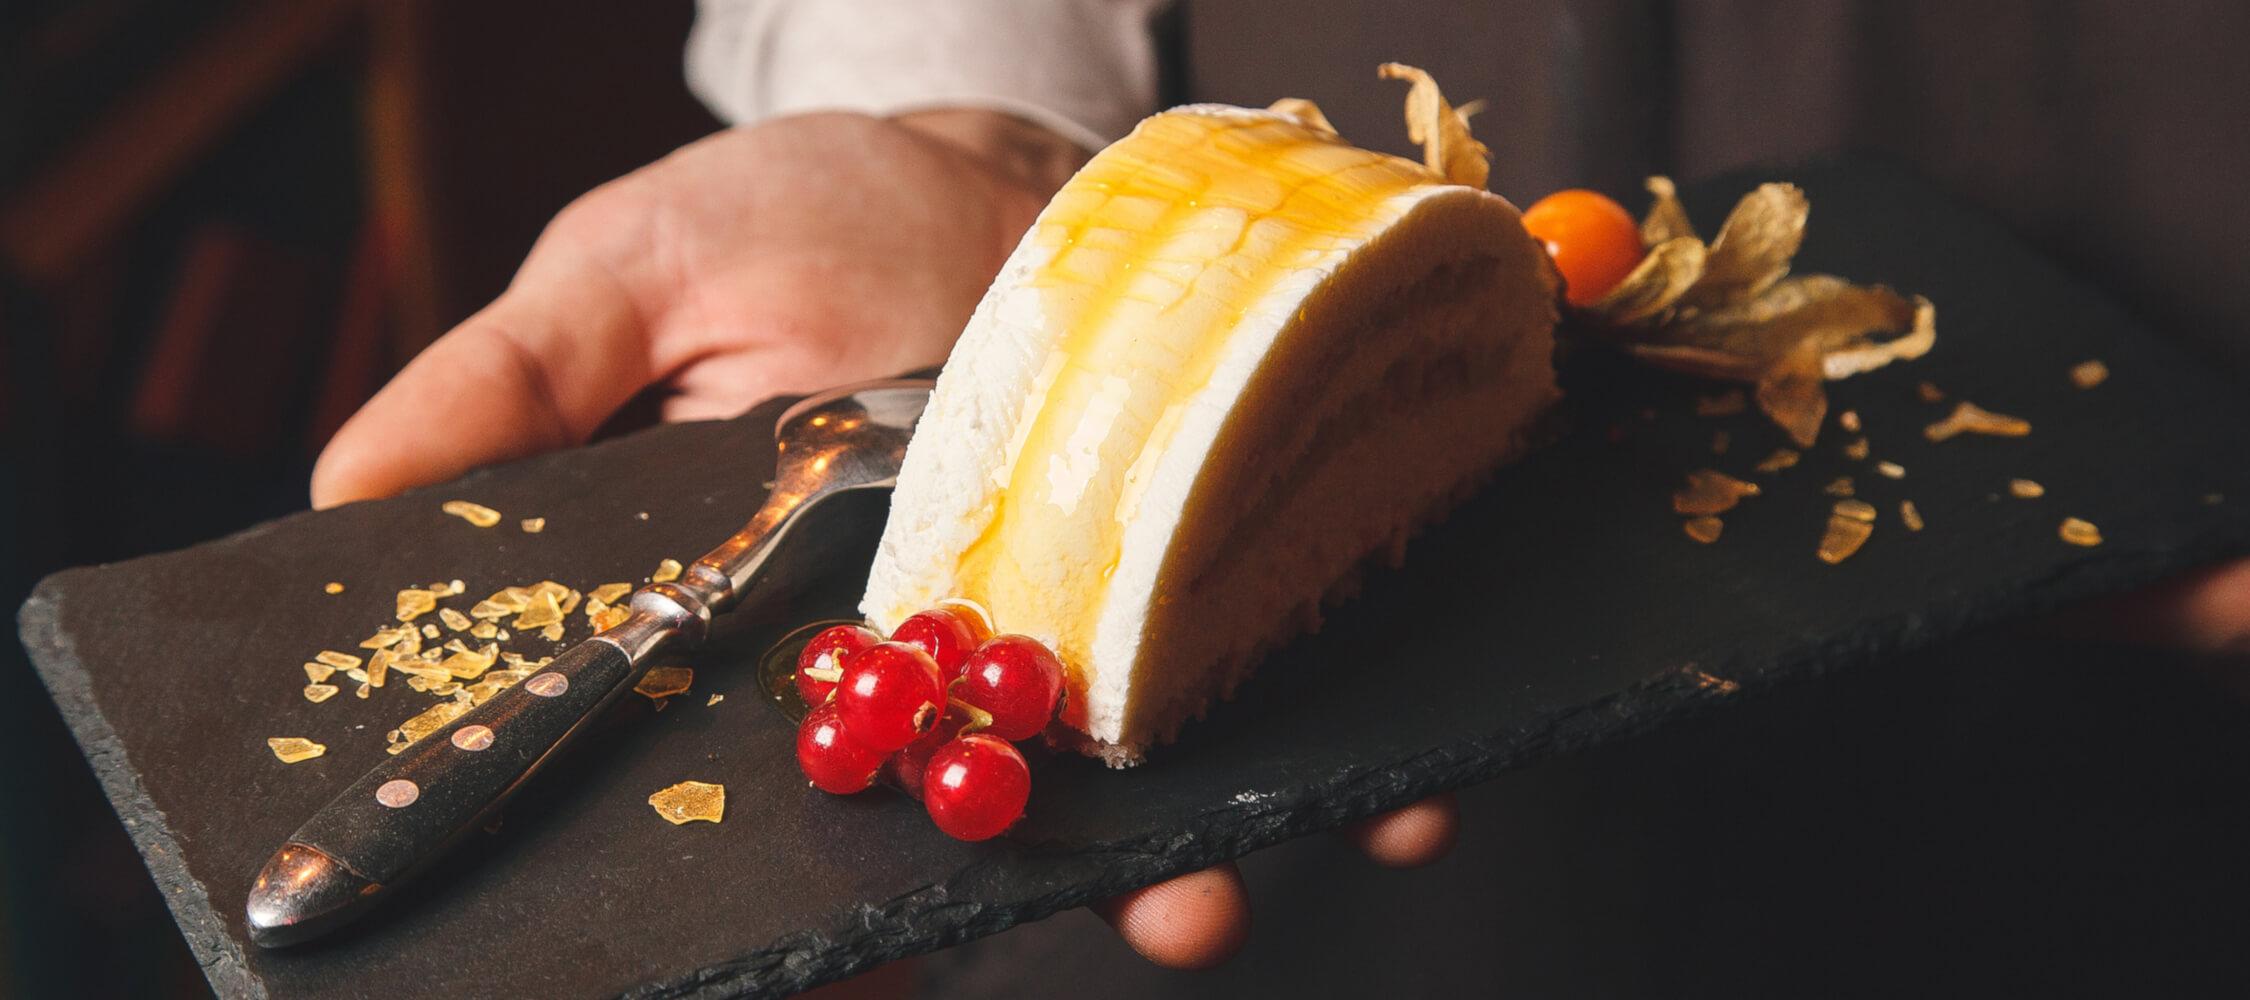 City_Hotel_Merano_Restaurant_City_Dinner_Dessert_Parfait_142931257_2250x1000